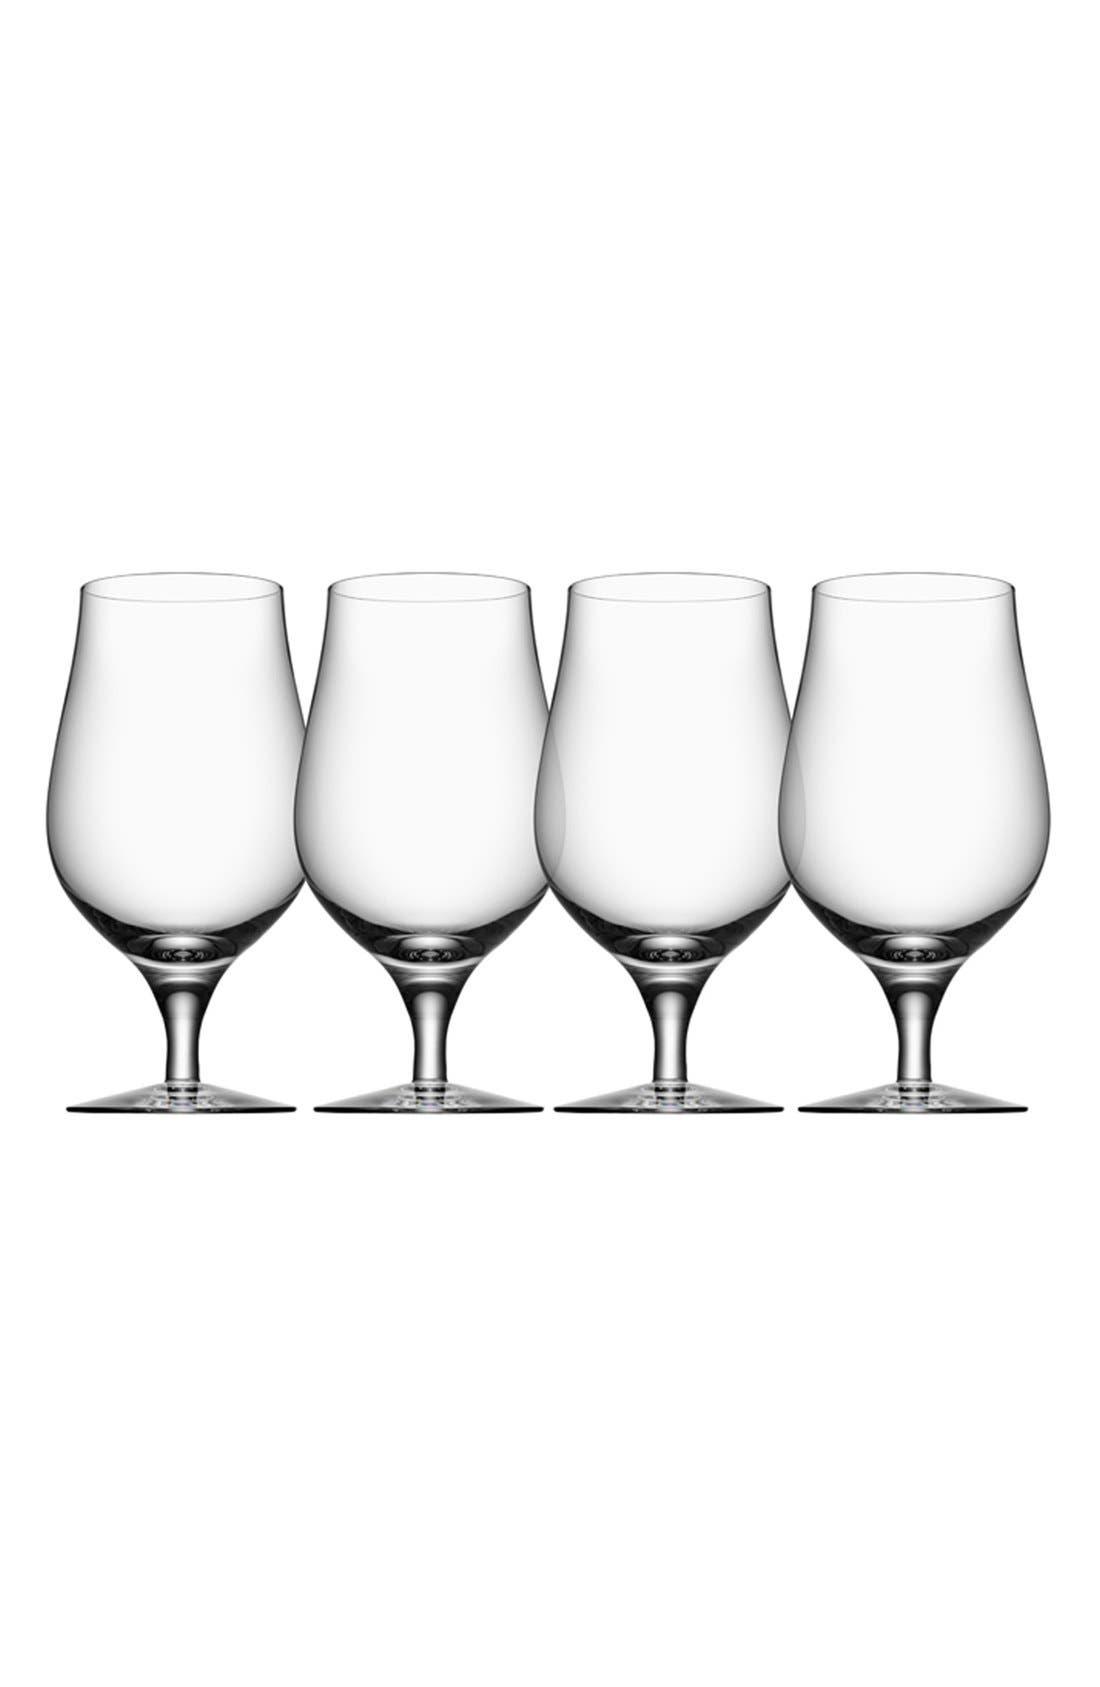 ORREFORS 'Taster' Glasses